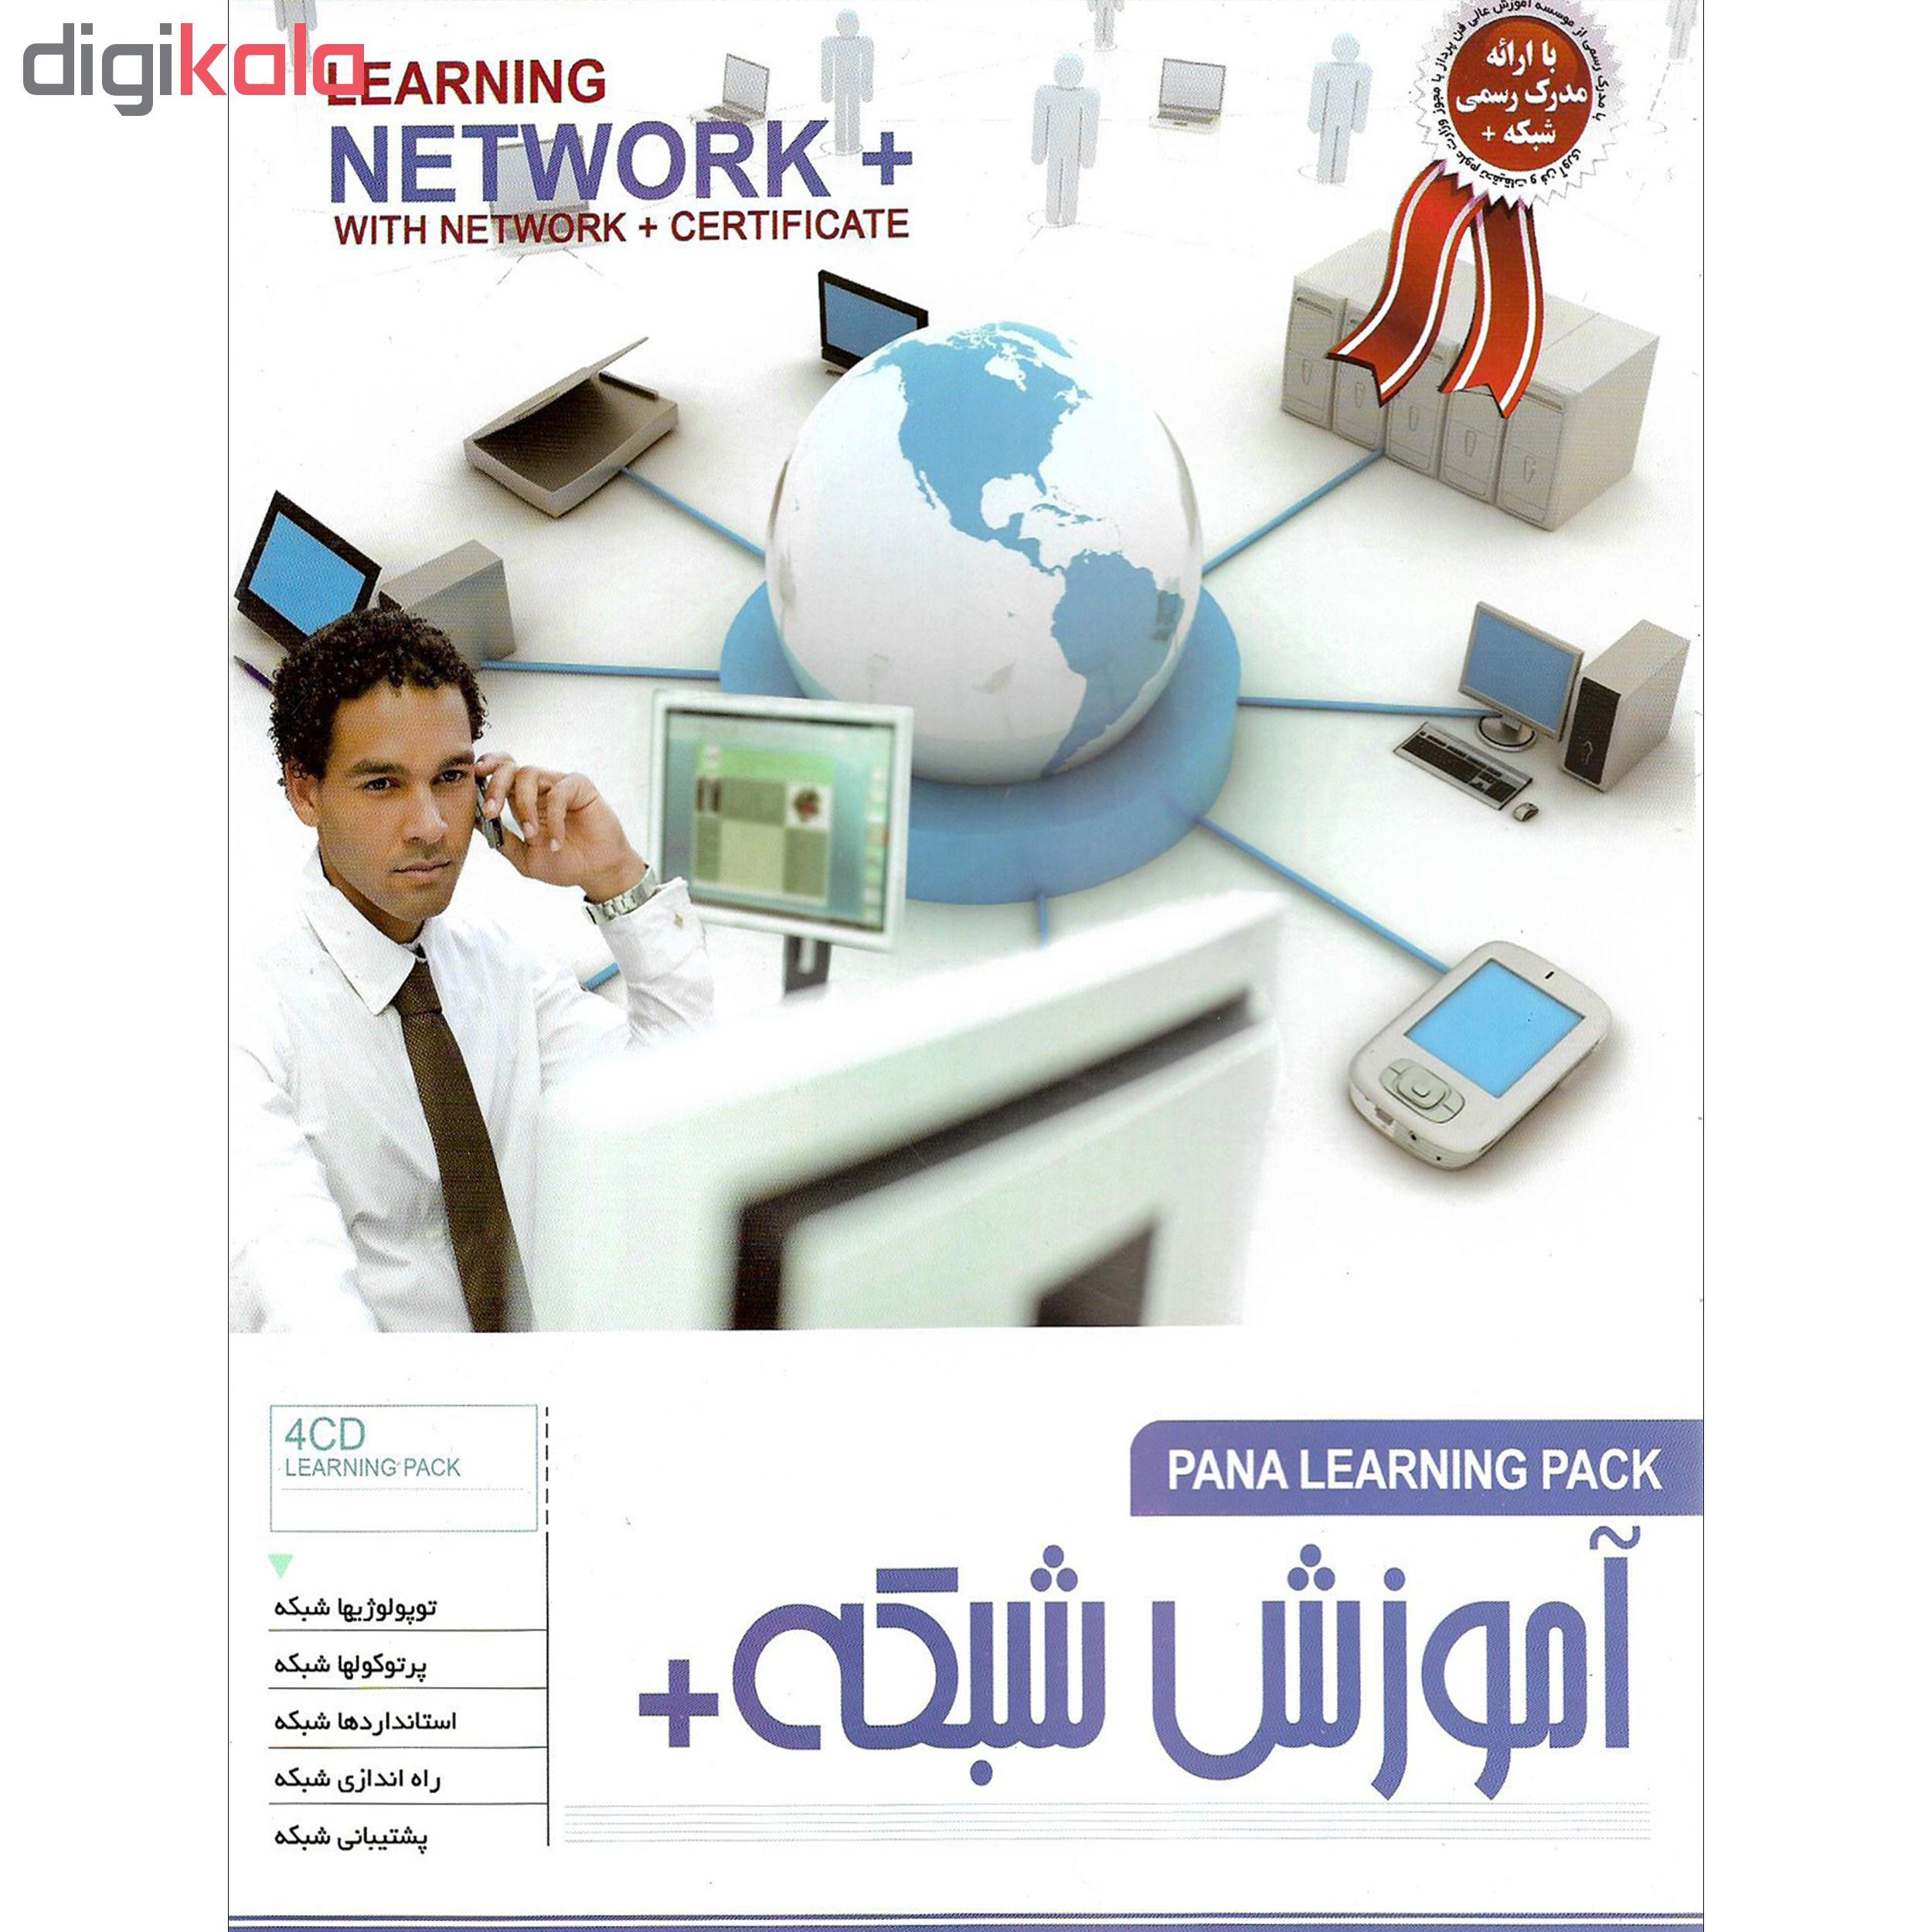 نرم افزار آموزش شبکه + نشر الکترونیک پانا